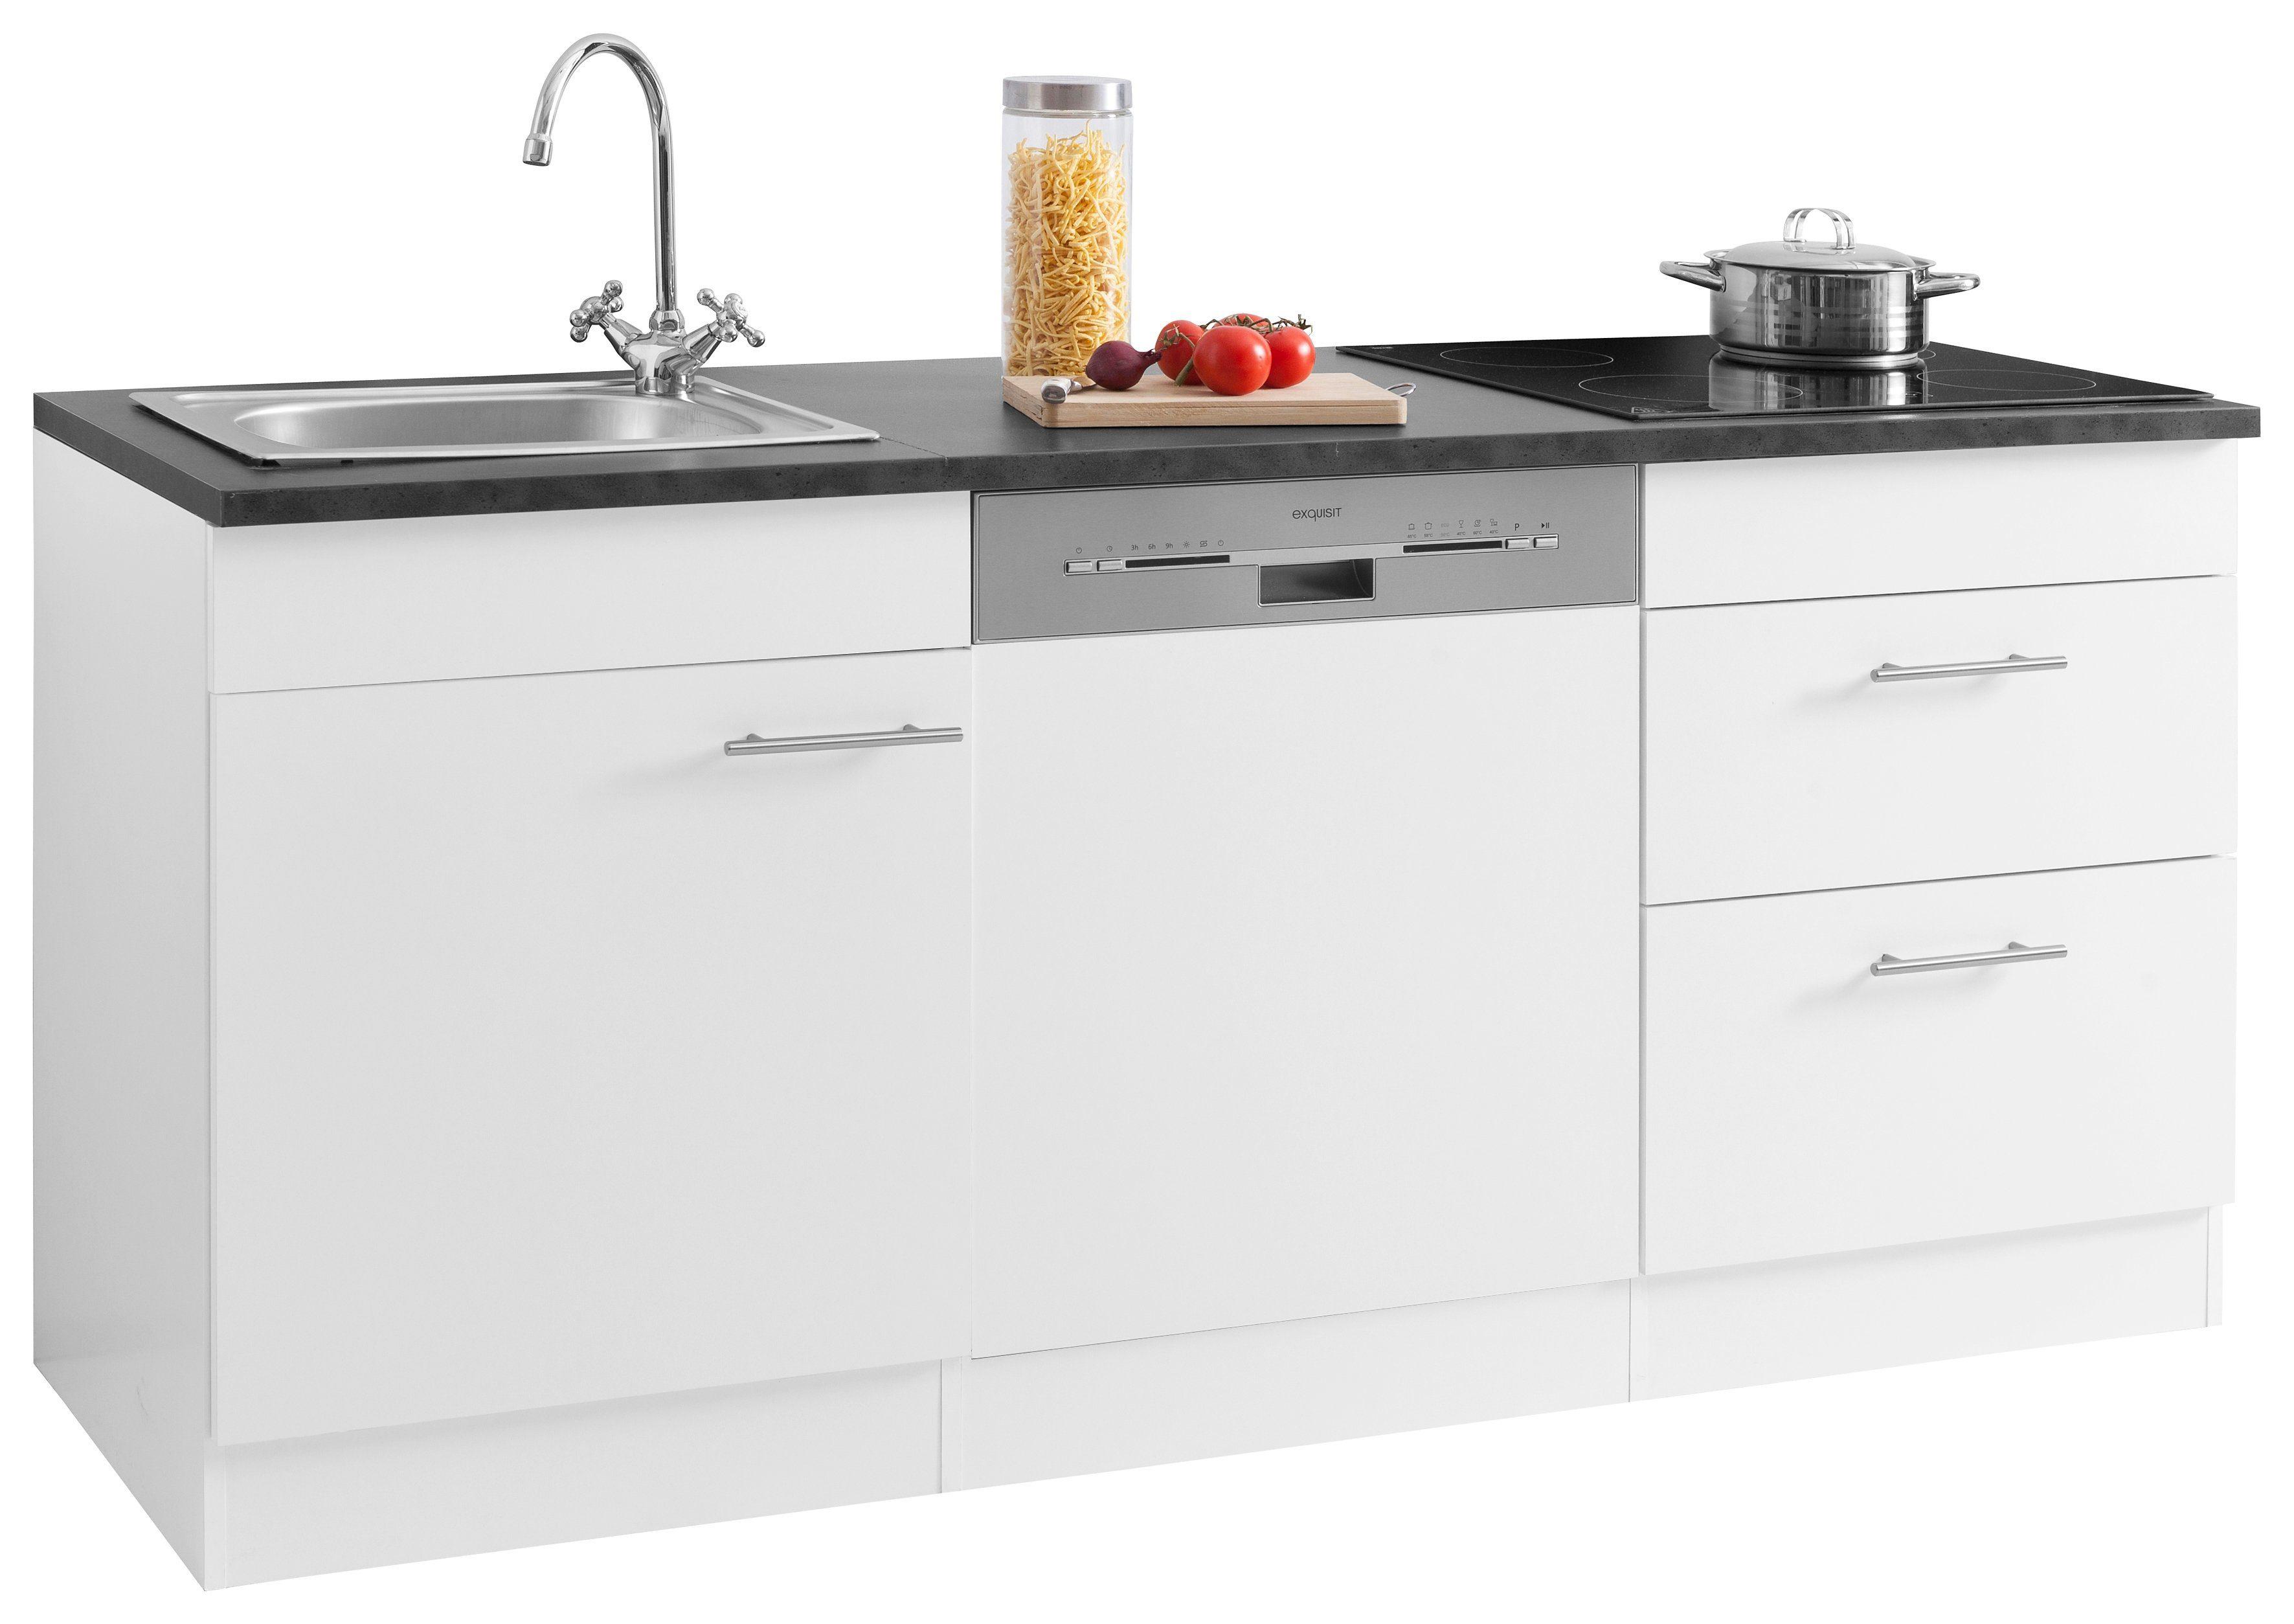 Miniküche Mit Kühlschrank 180 Cm : Optifit küchenzeile mini« mit e geräten breite cm online